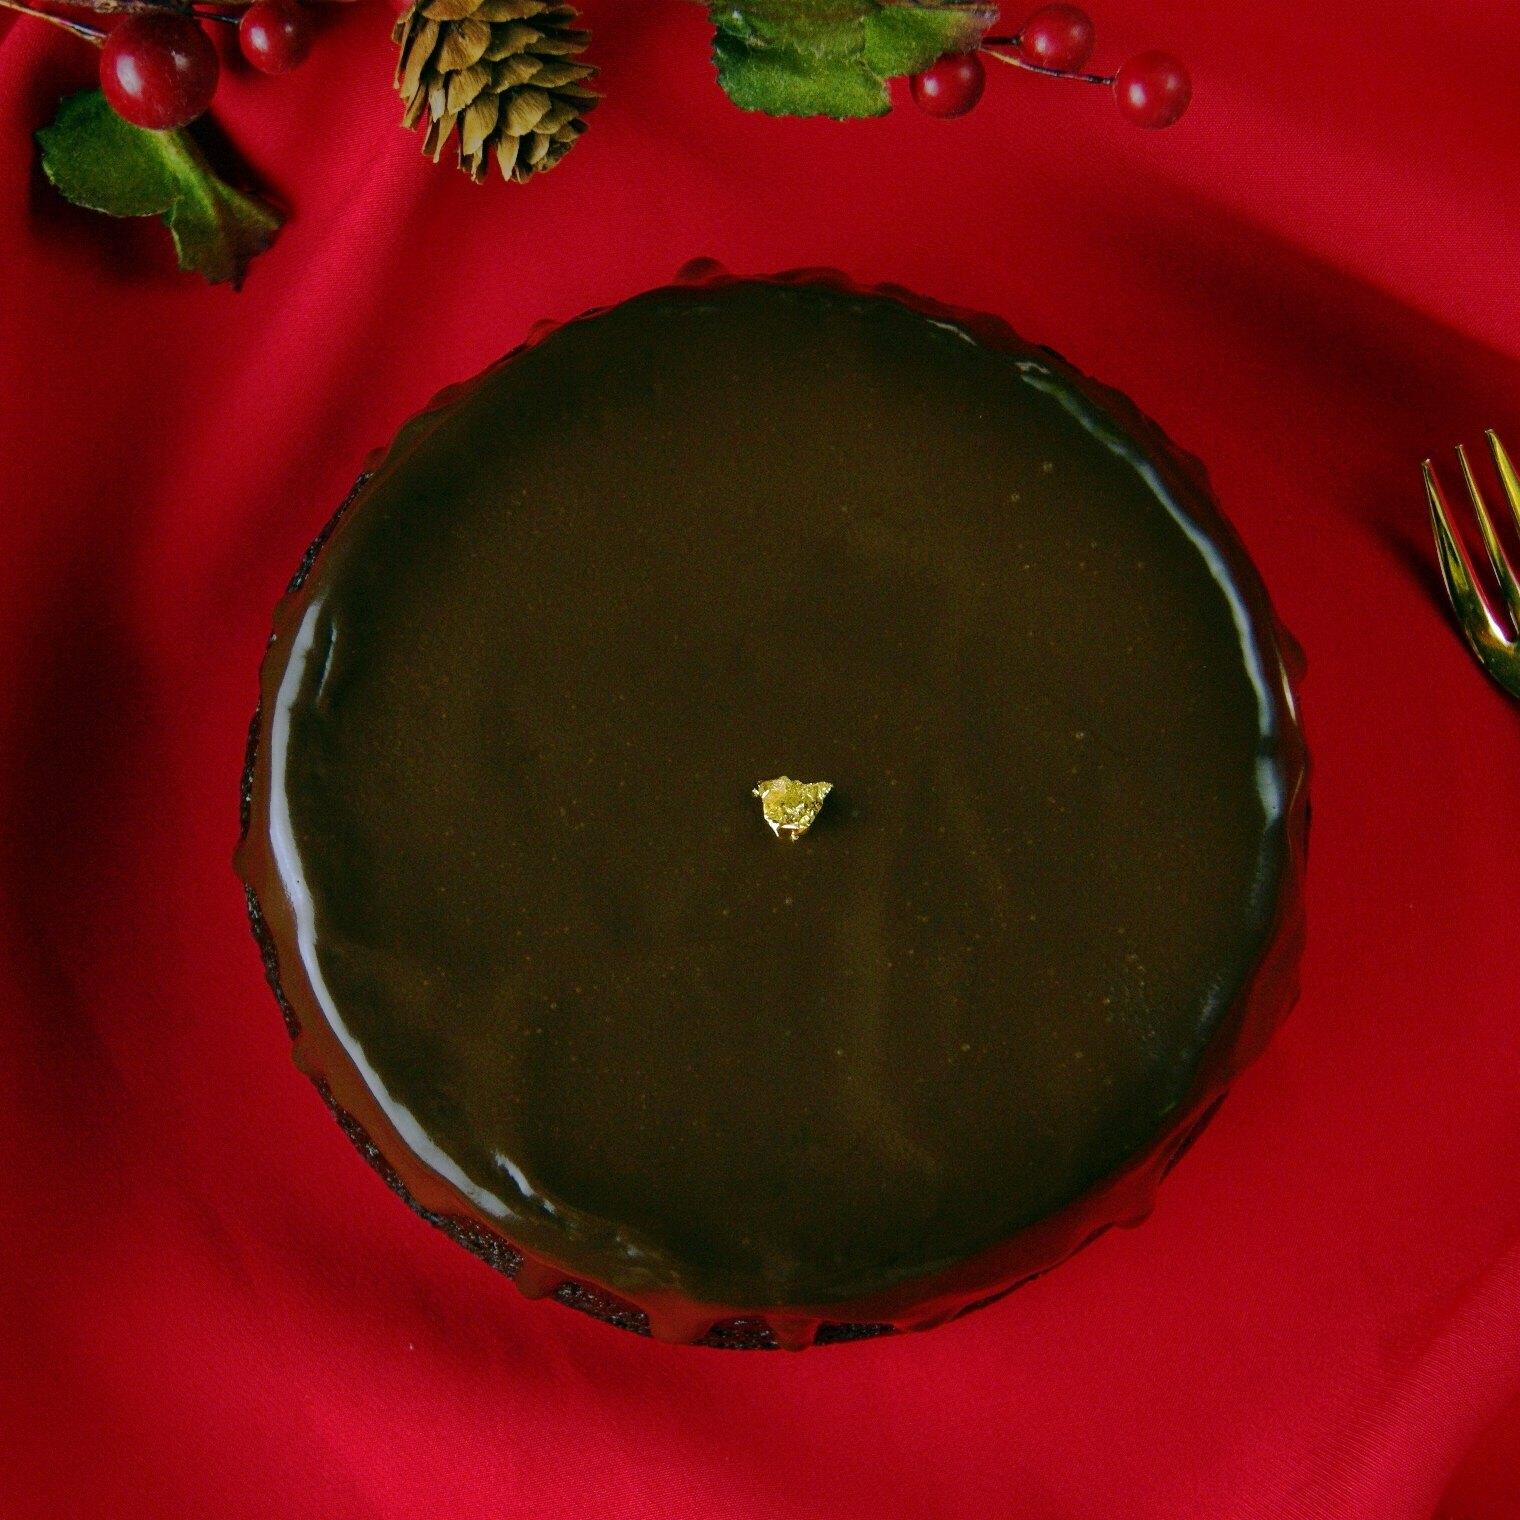 【黑手甜點】6吋醇品生巧克力蛋糕/75%巧克力/入口即化的濕潤蛋糕體/經典款非嚐不可